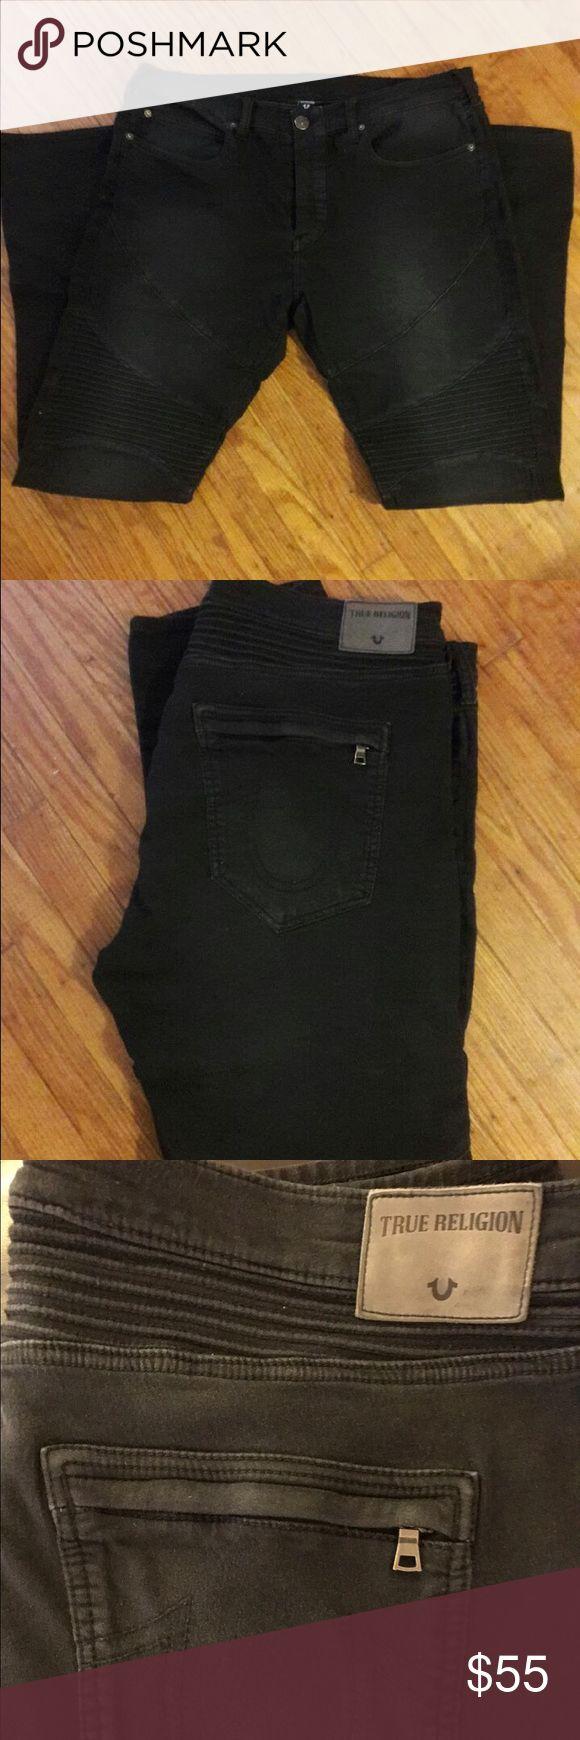 Men's True Religion Black Jeans Relaxed Slim Men's True Religion Jeans Black Relaxed Slim True Religion Jeans Slim